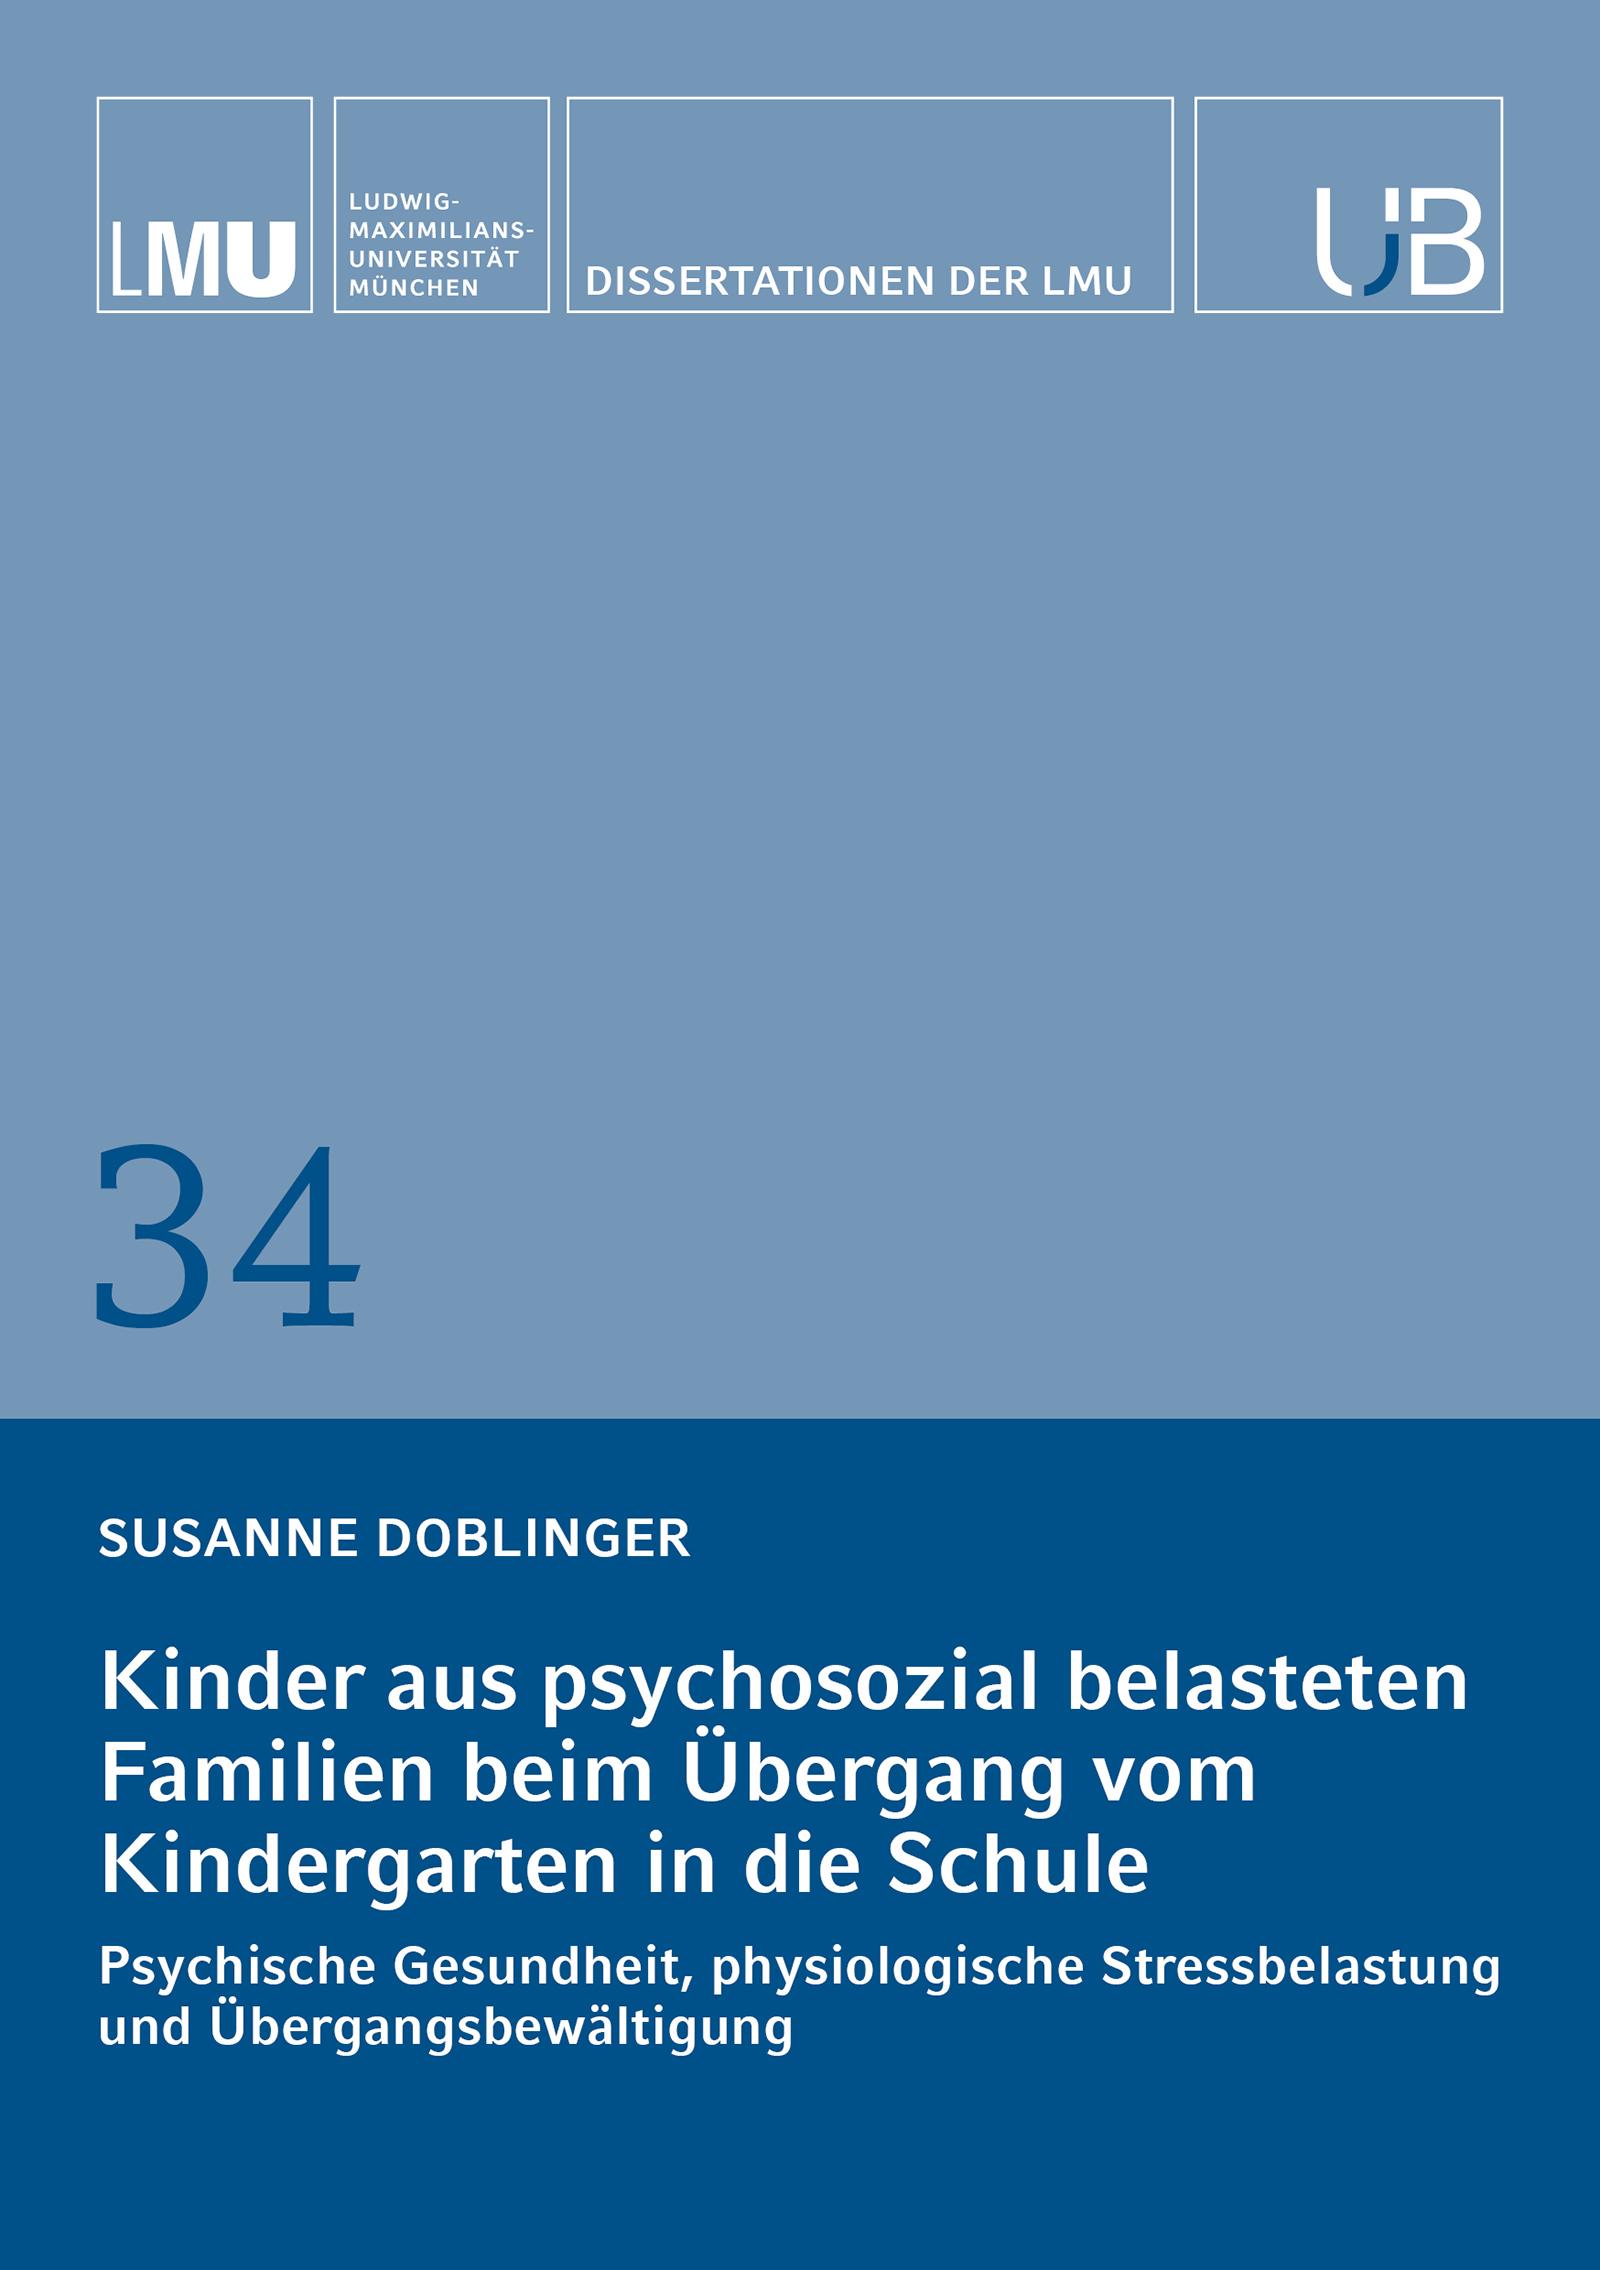 Dissertationen_34Doblinger_Cover